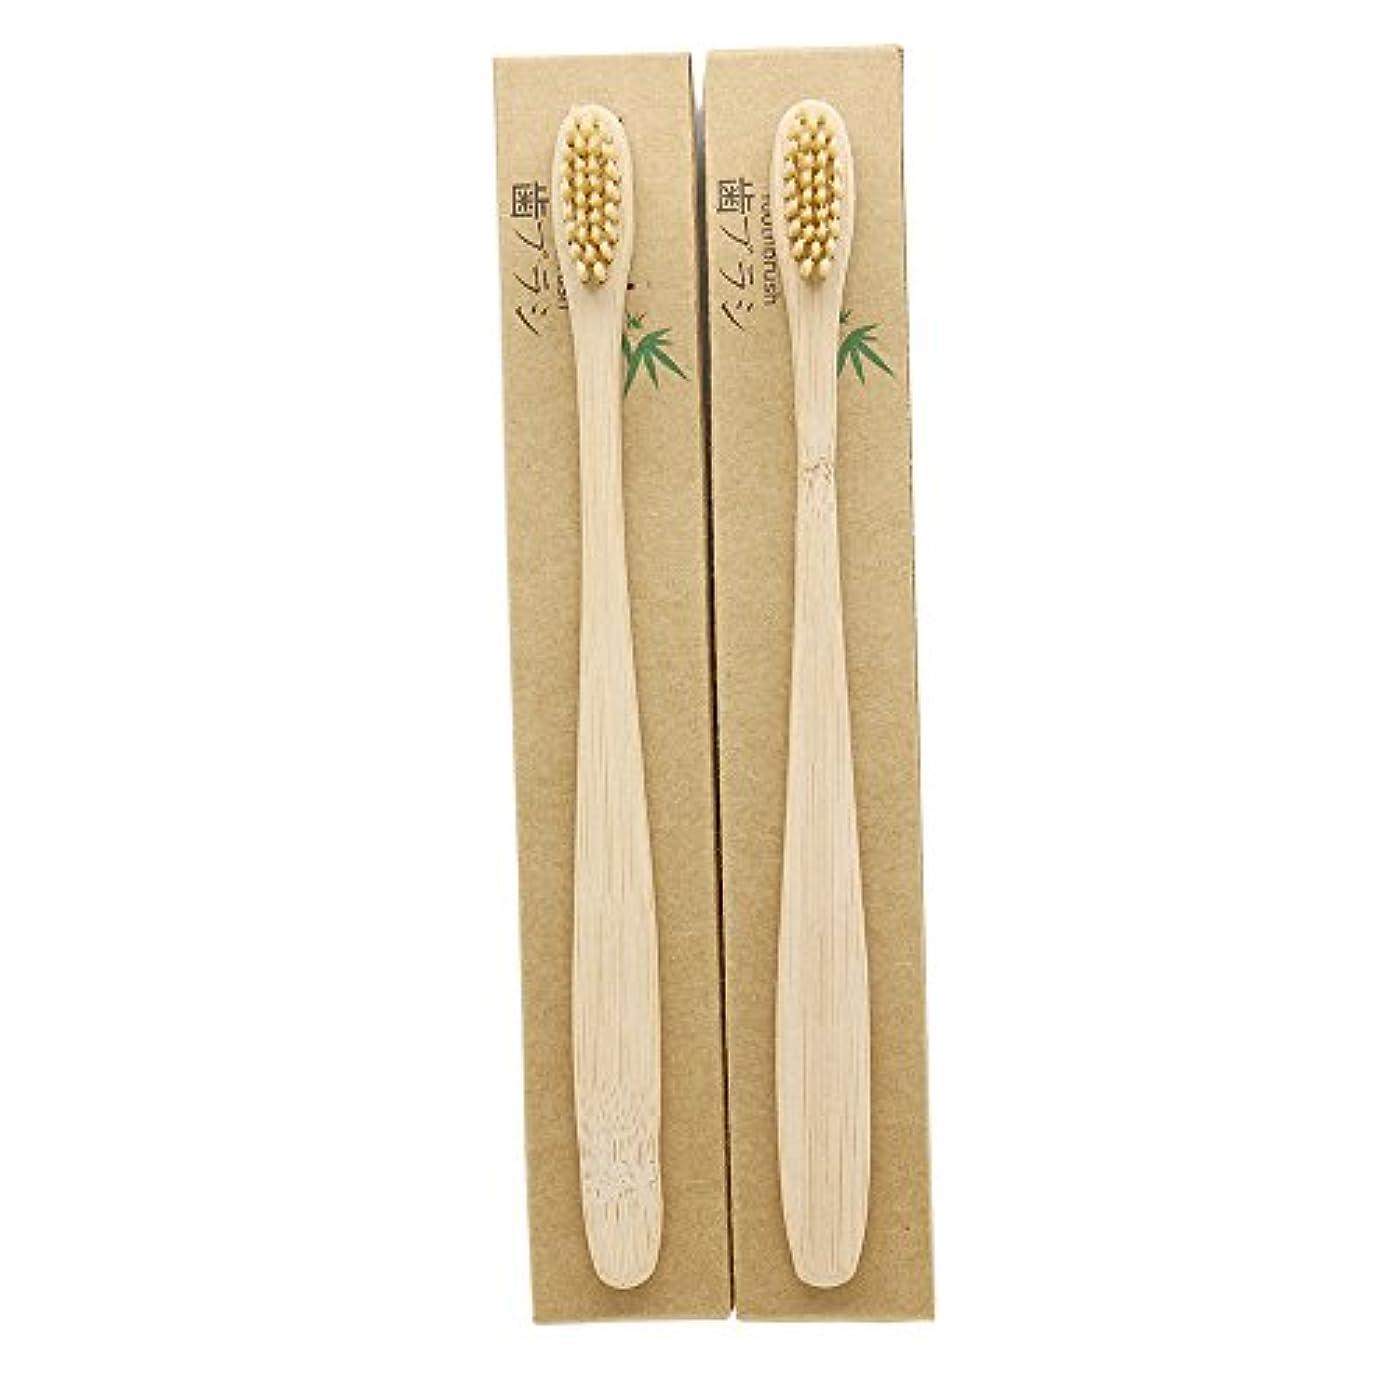 セグメント繕う冷酷なN-amboo 竹製耐久度高い 歯ブラシ 2本入り セット エコ ヘッド小さい クリ—ム色